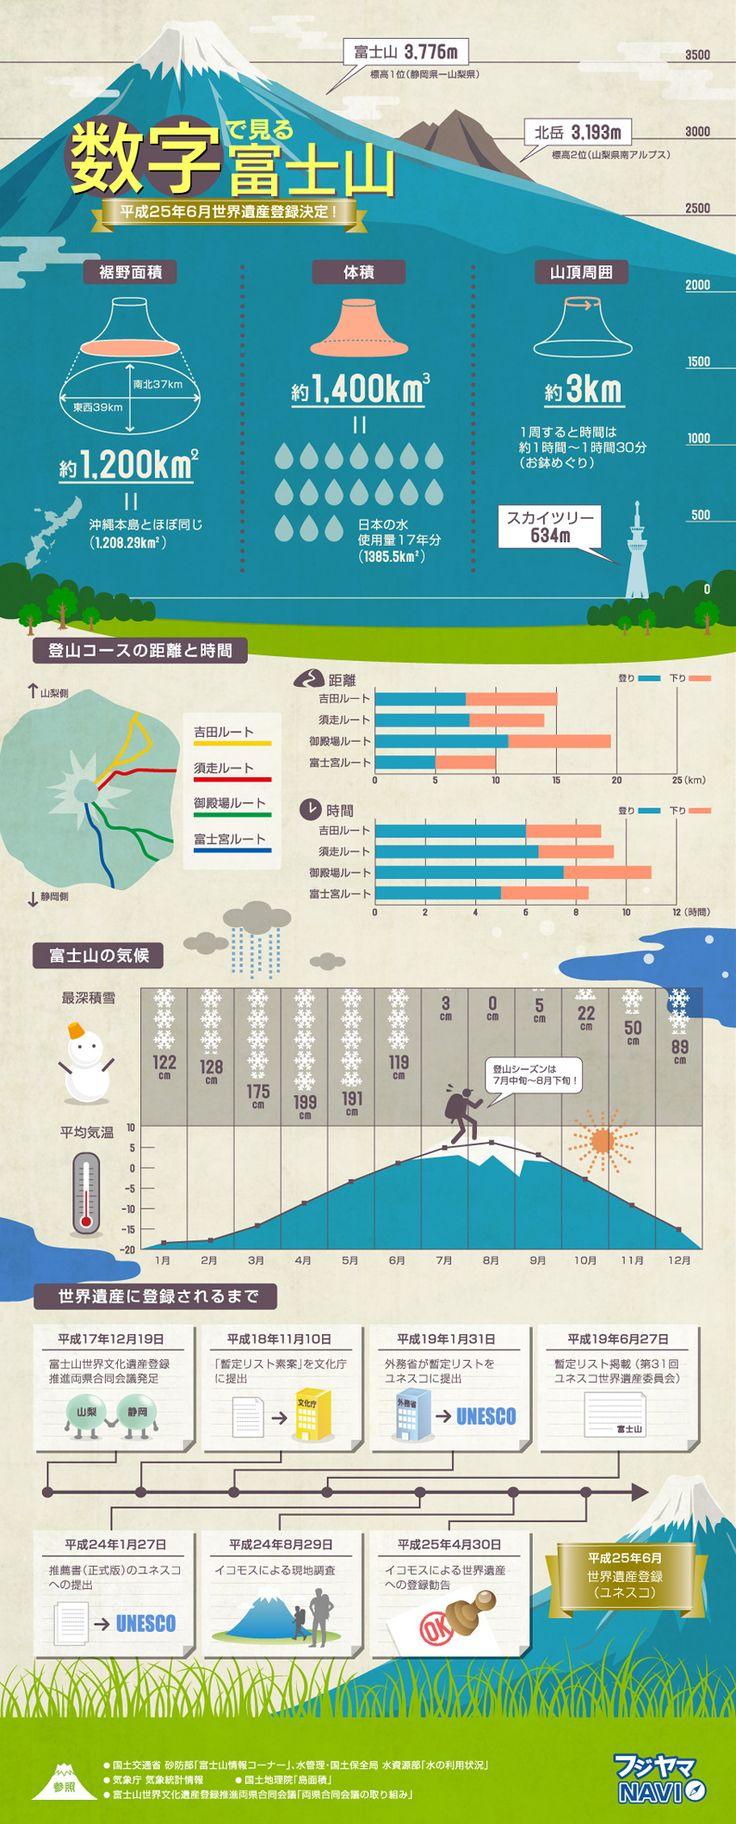 世界遺産登録記念!数字で見る富士山   infographic.jp - インフォグラフィックス by IOIX